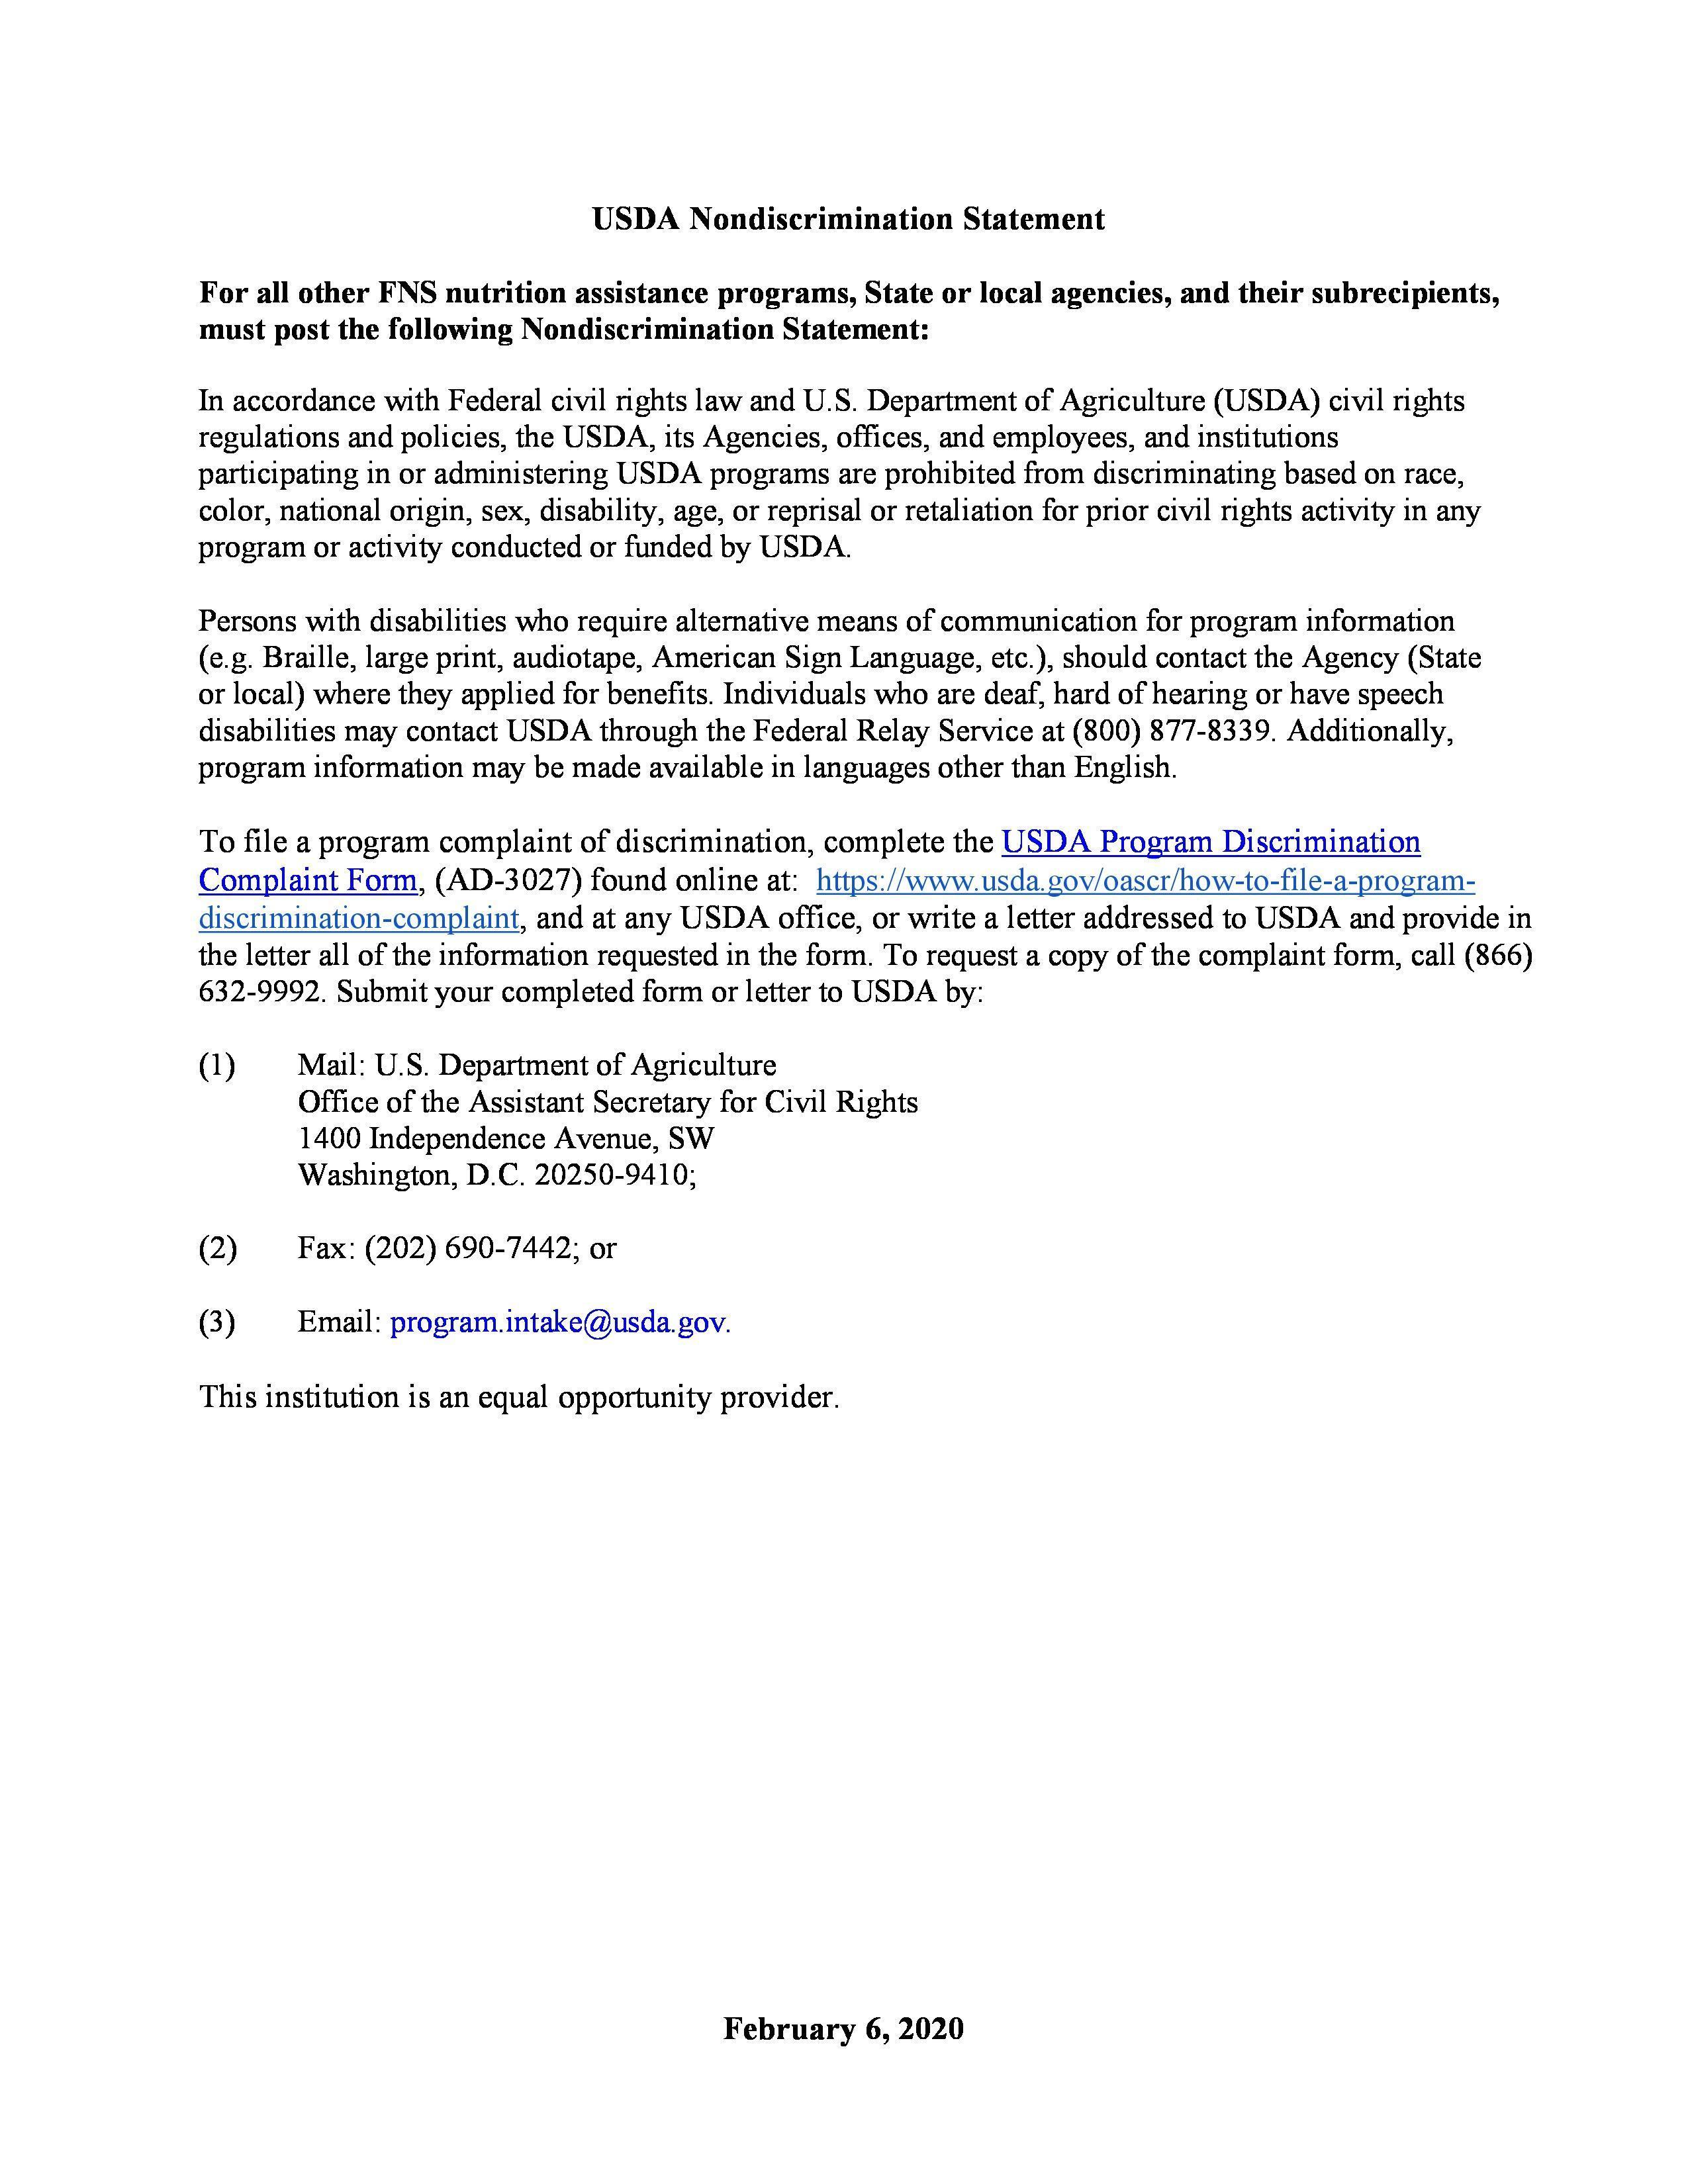 USDA Non Discrimination policy